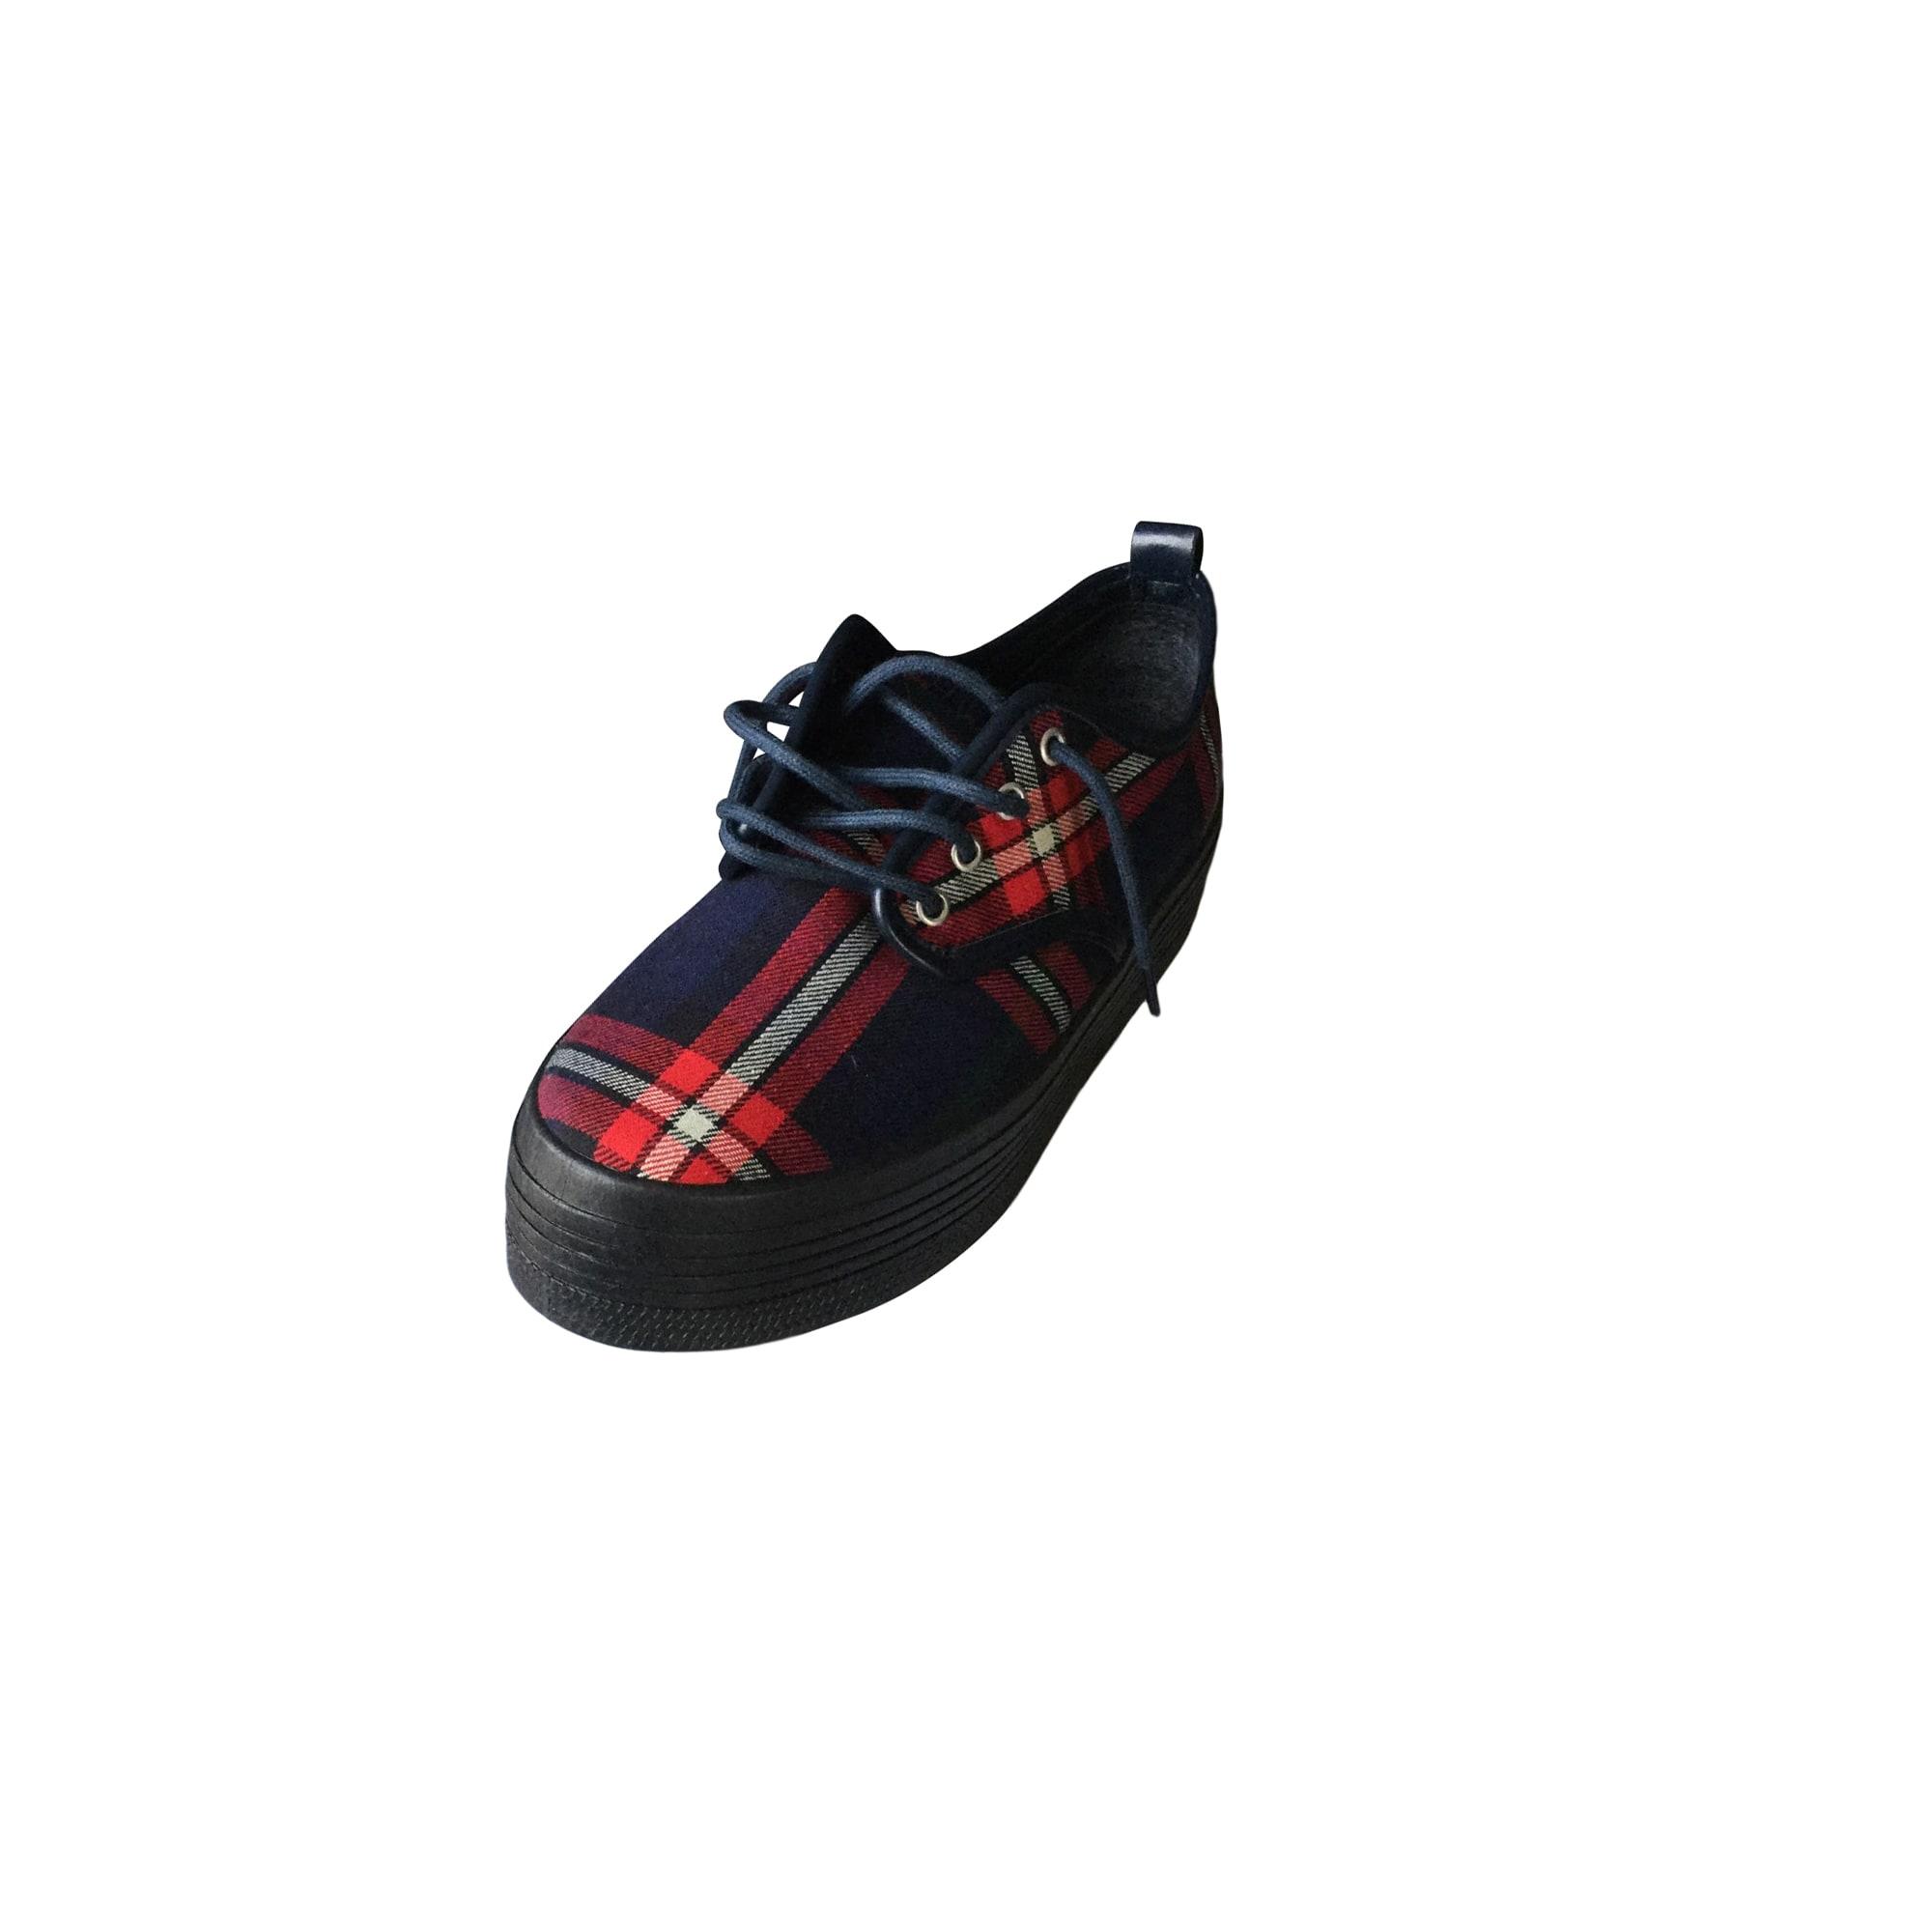 Chaussures à lacets  ELEVEN PARIS Carreaux bleu rouge